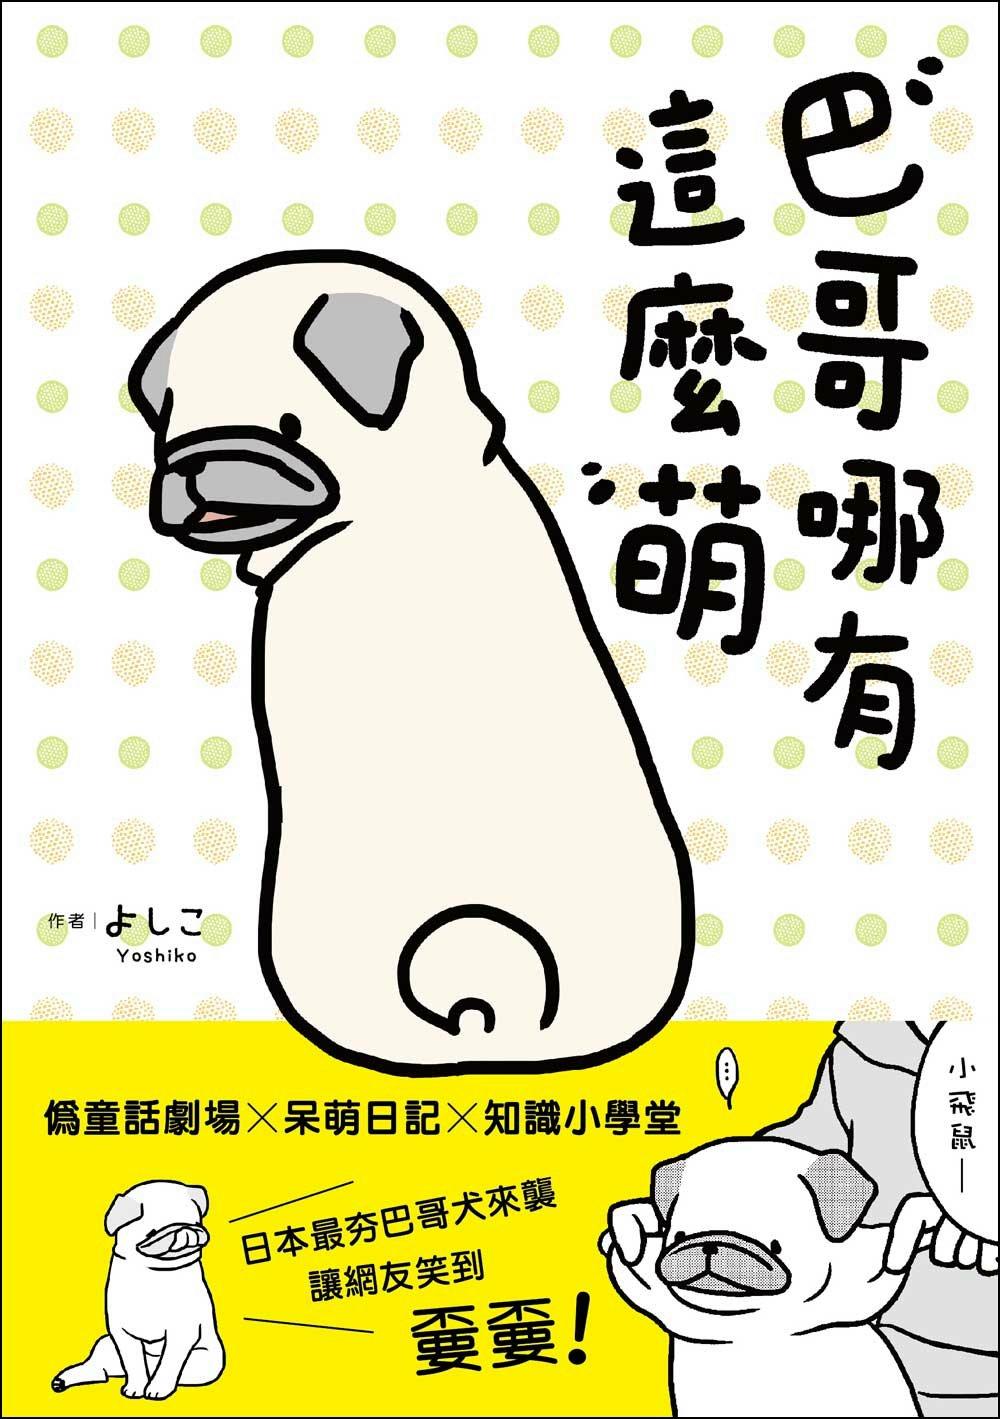 巴哥哪有這麼萌:偽童話劇場X呆萌日記X知識小學堂,日本最夯巴哥犬來襲,讓網友笑到嫑嫑!